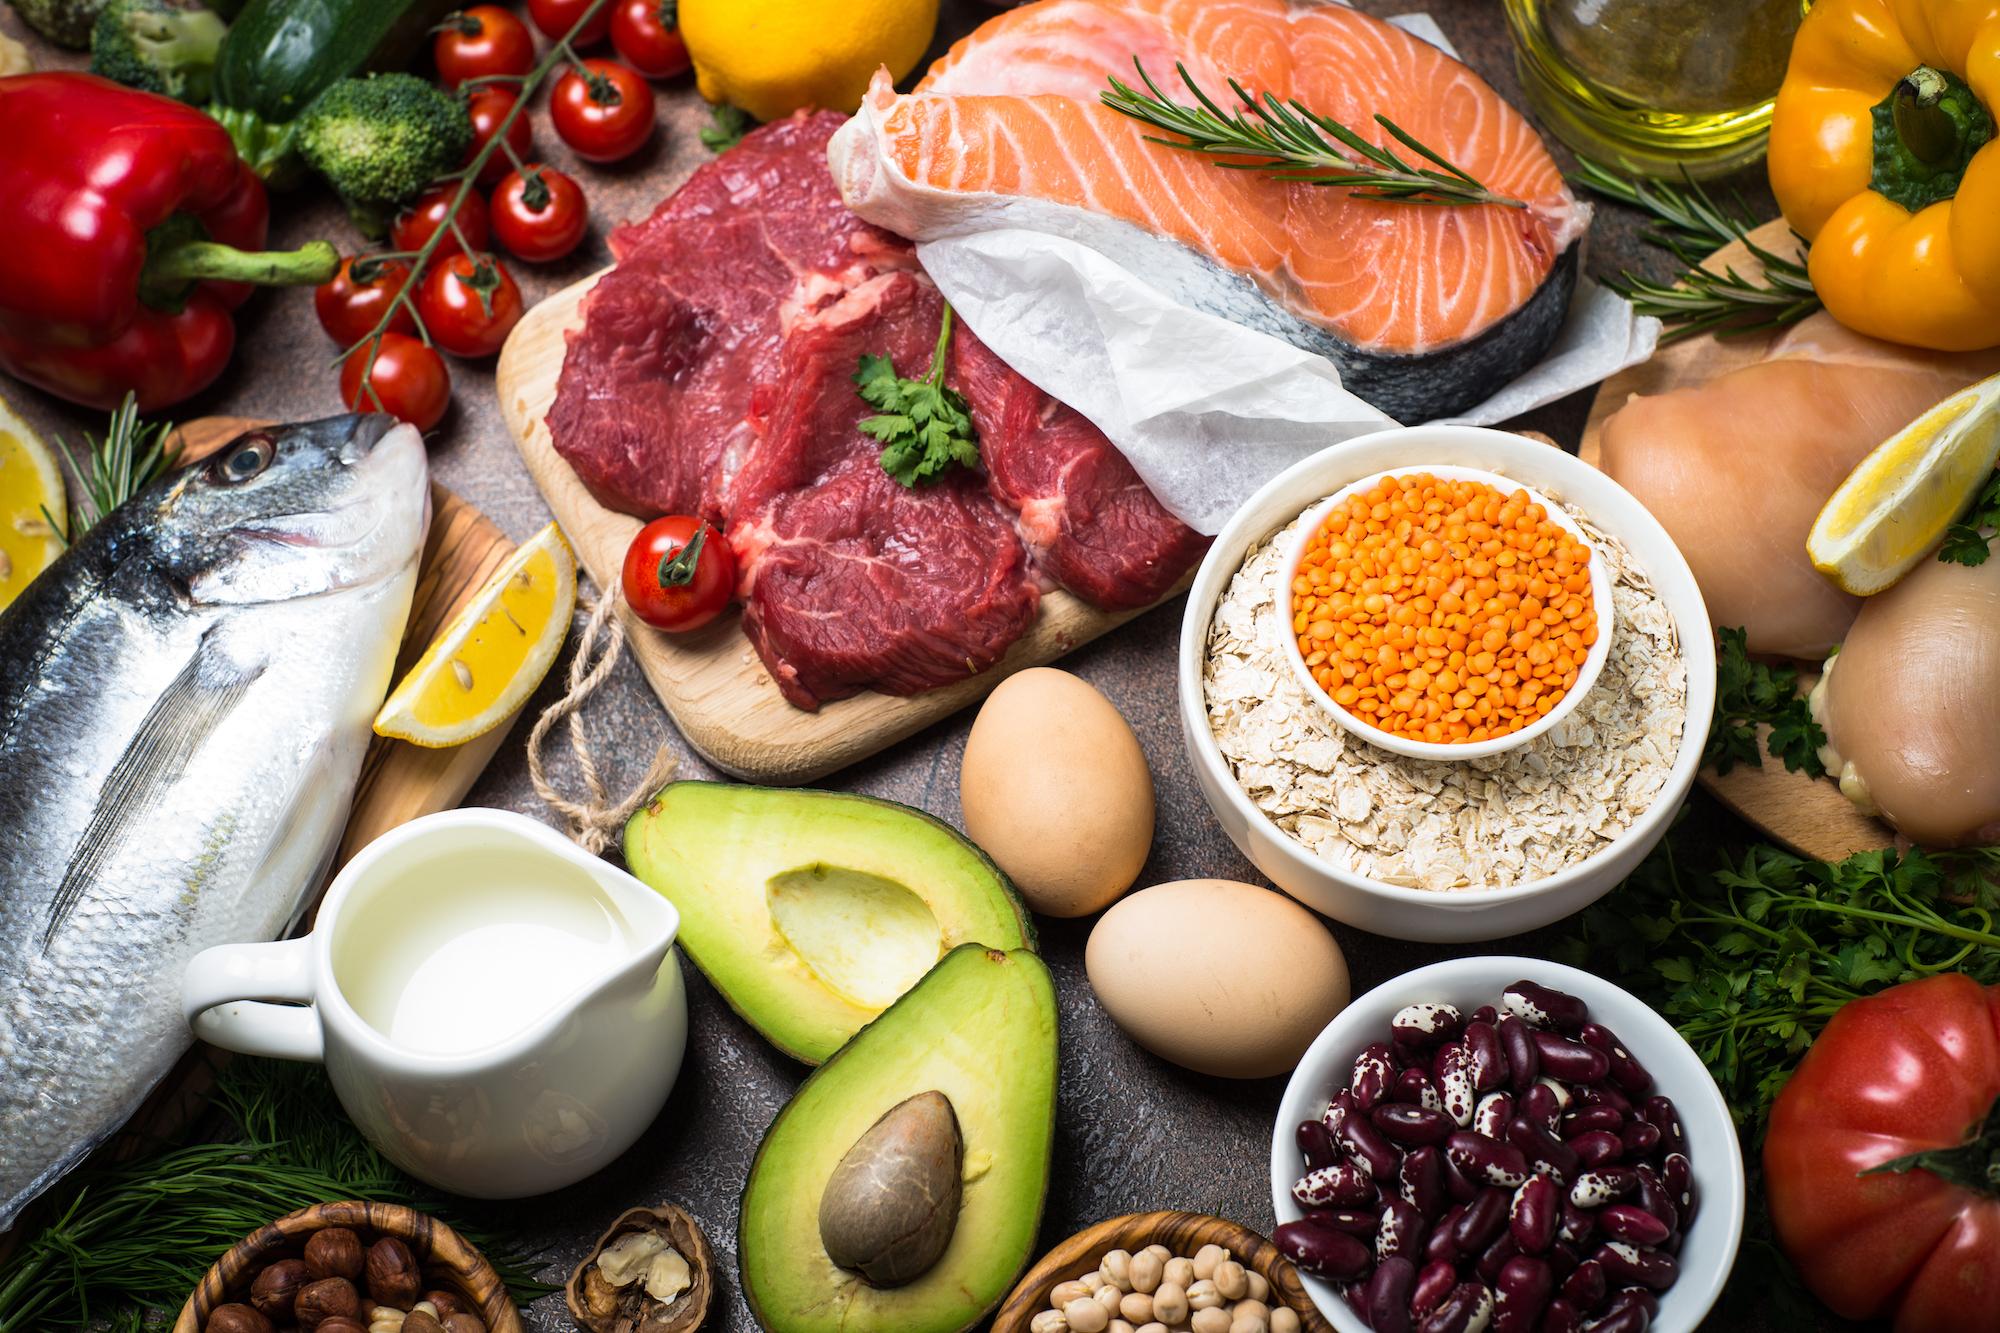 【運動効果を高めるおすすめの食事】目的別に分けて紹介!